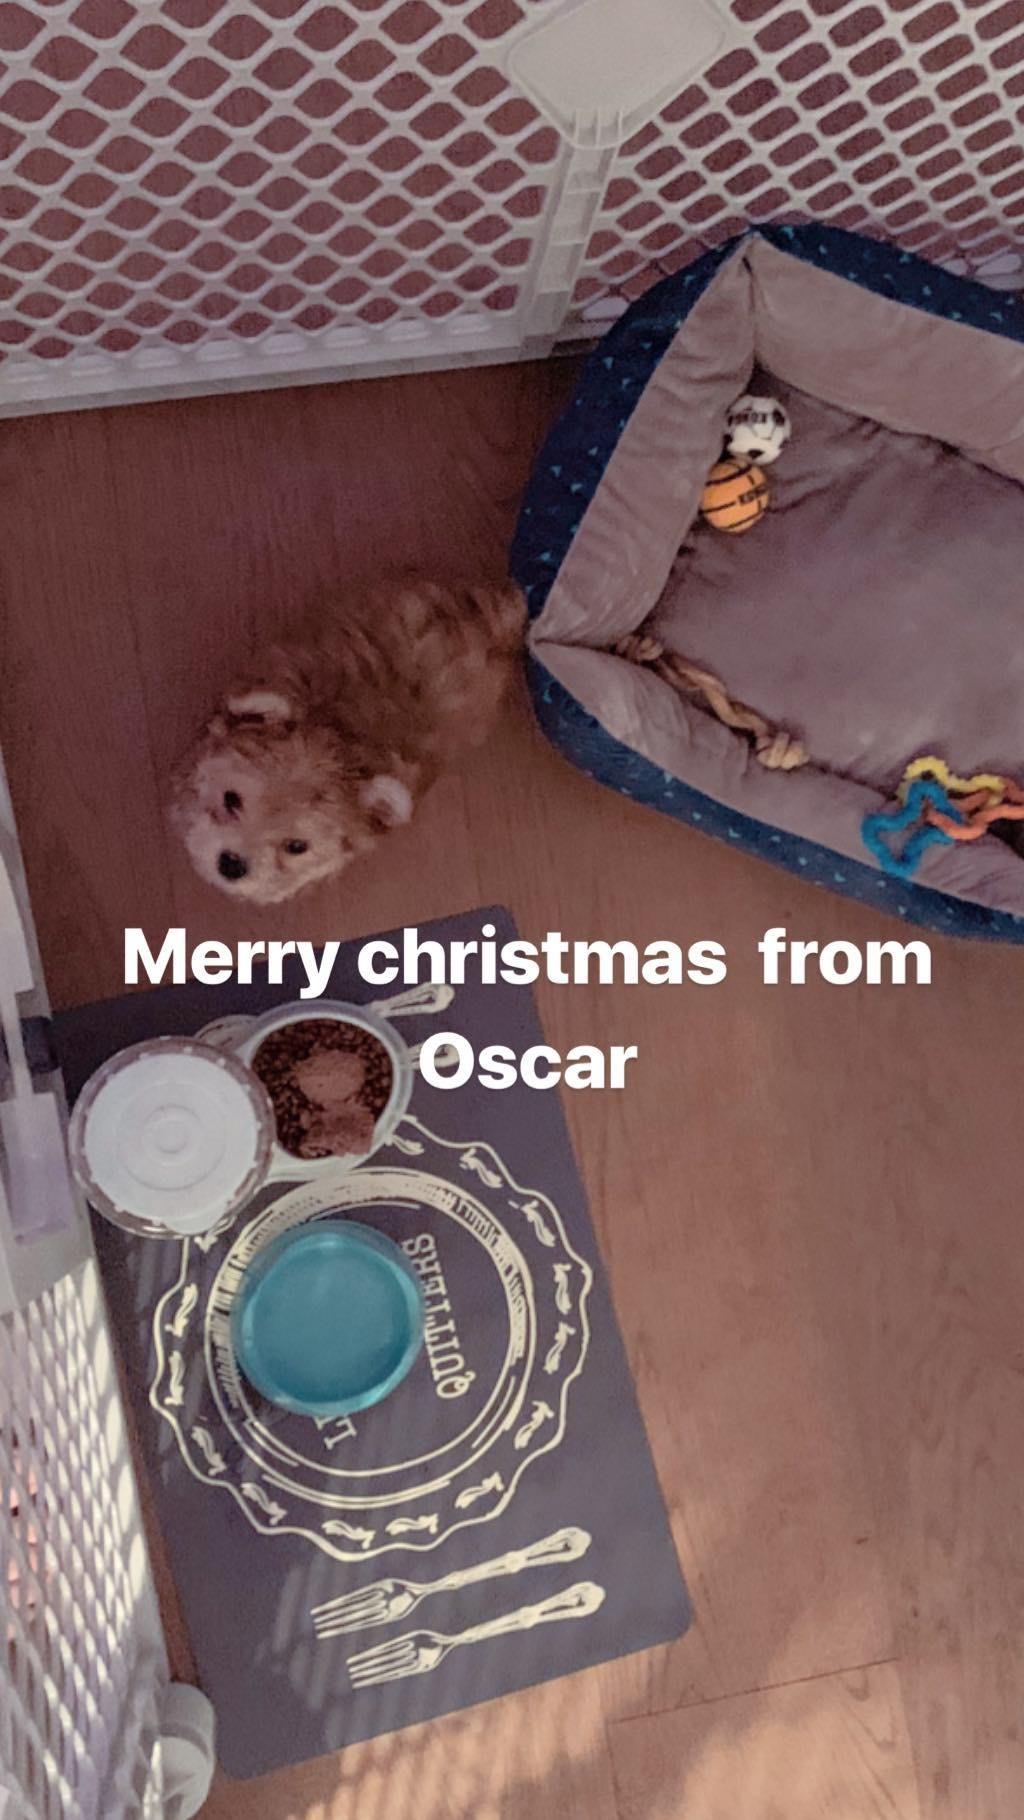 Oscar (Foto: Reprodução Instagram)